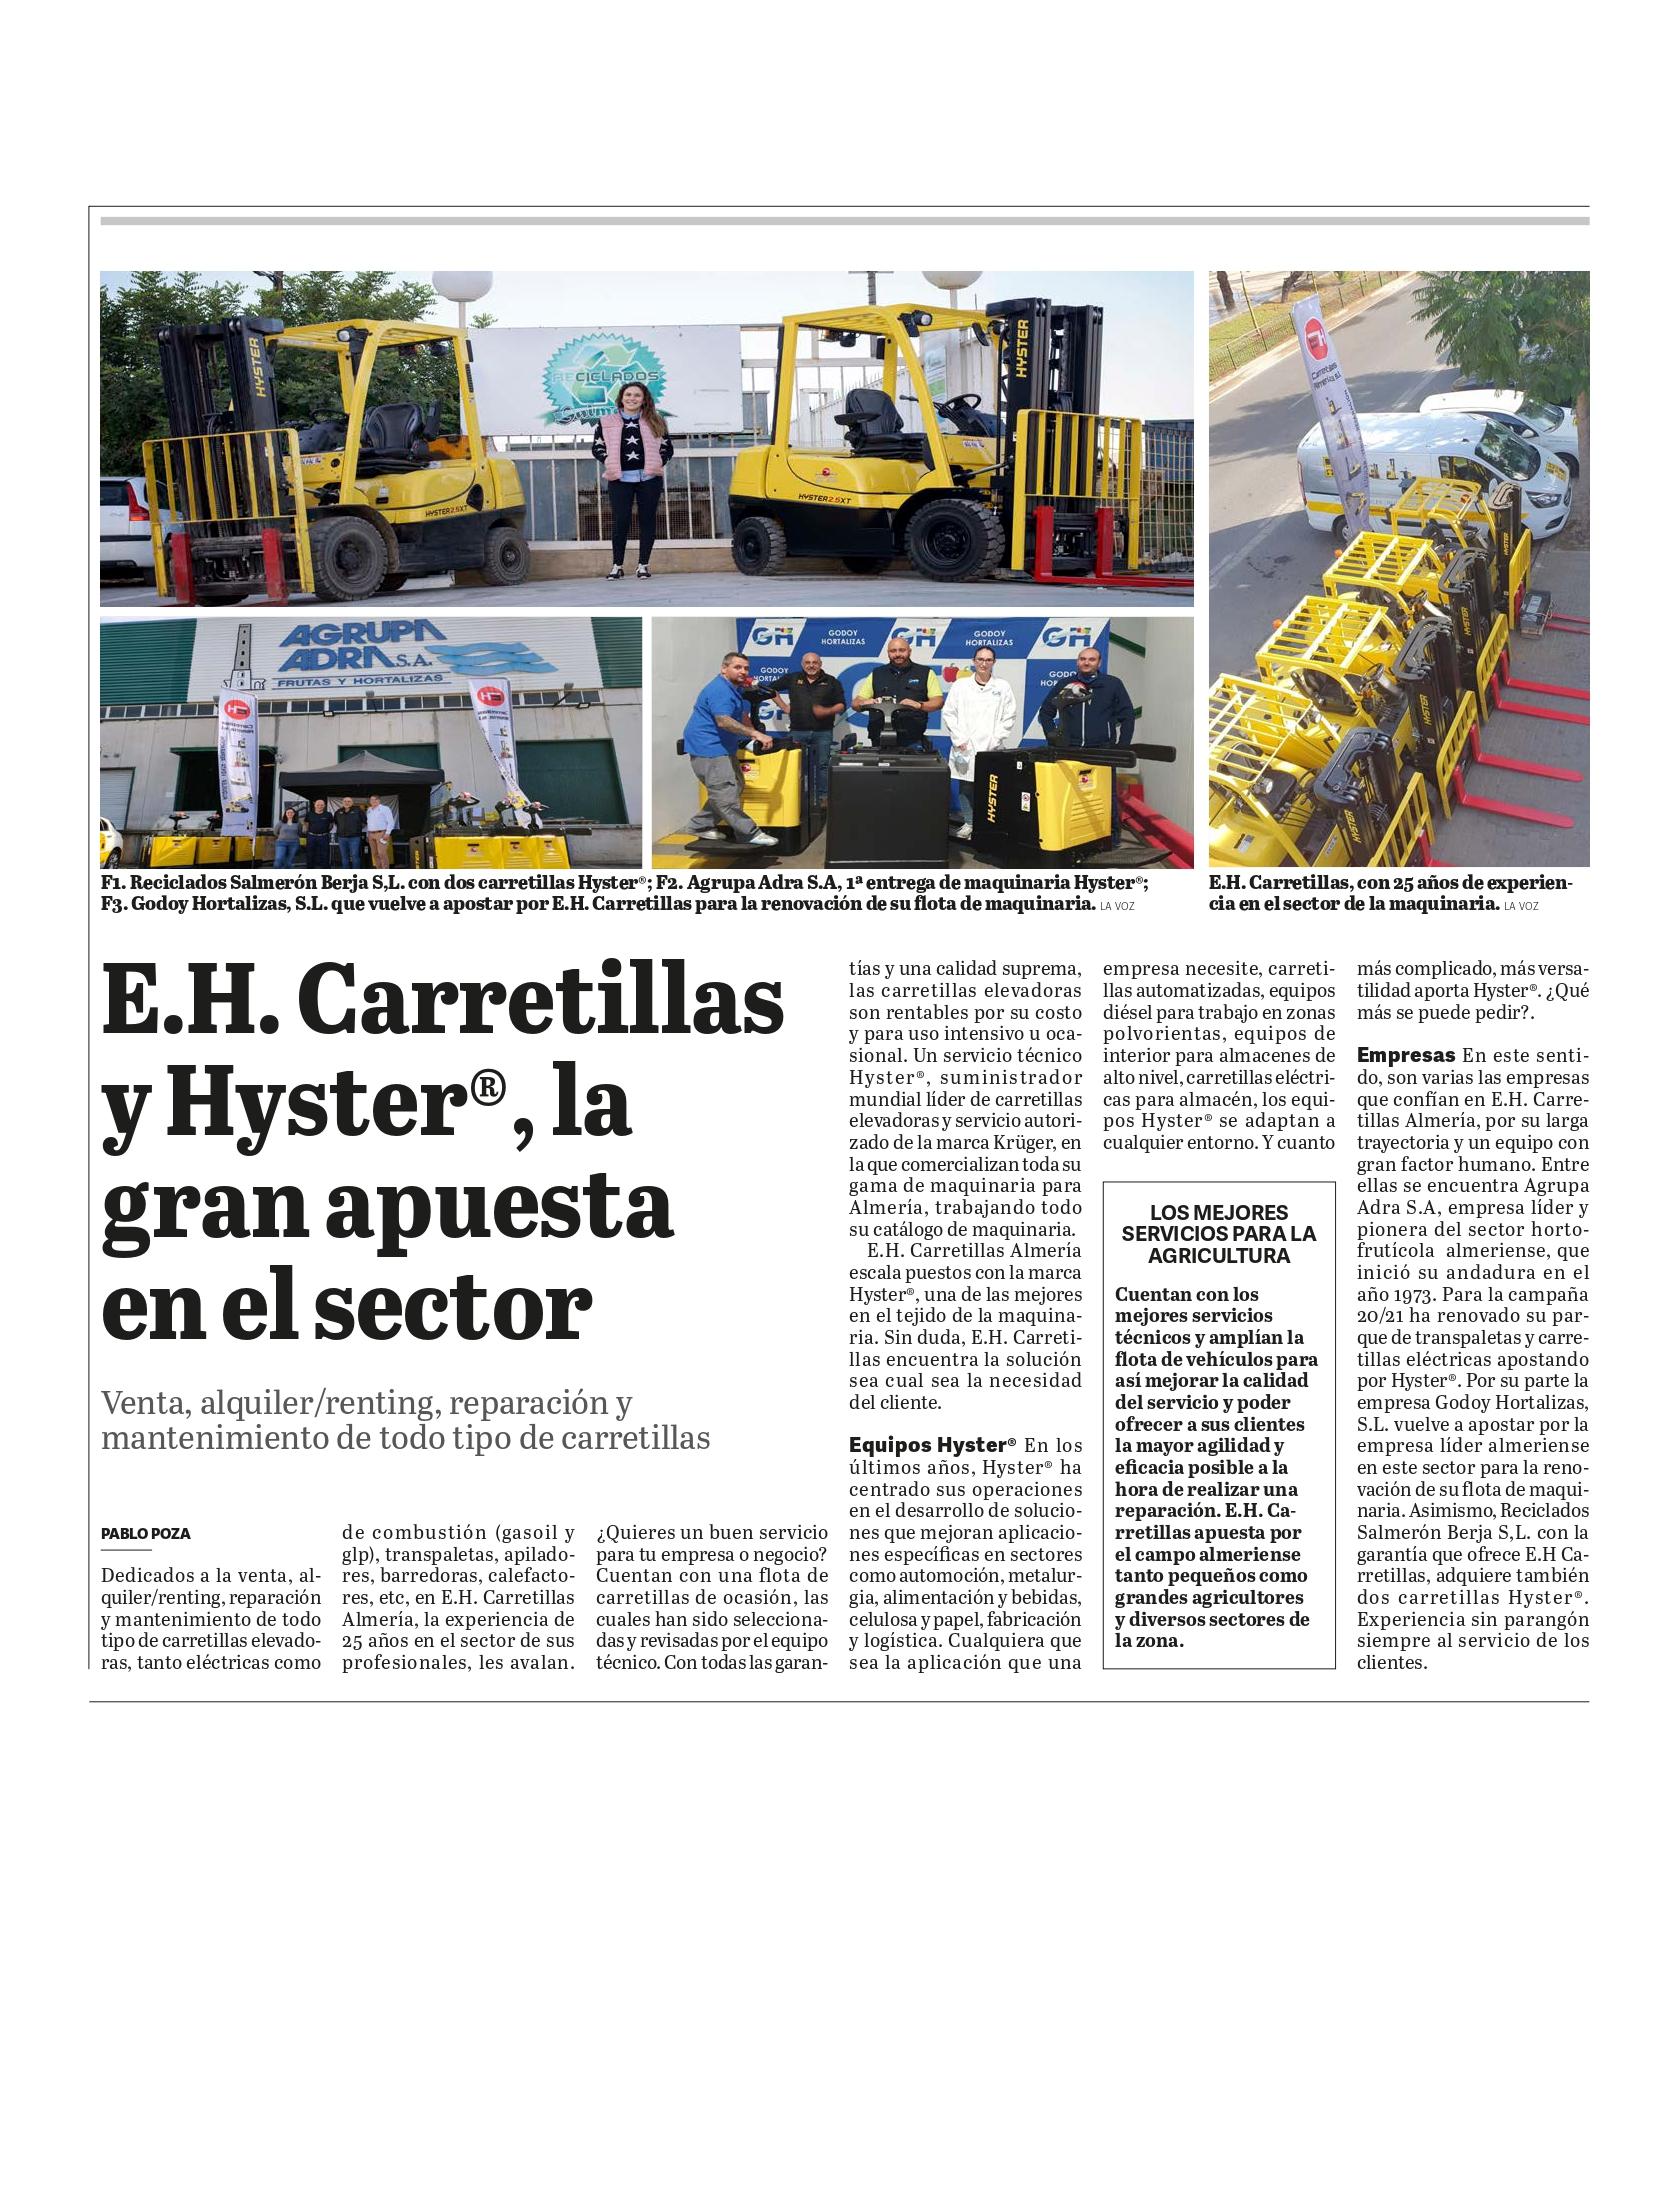 E. H. Carretillas Almeria. La Voz de Almeria